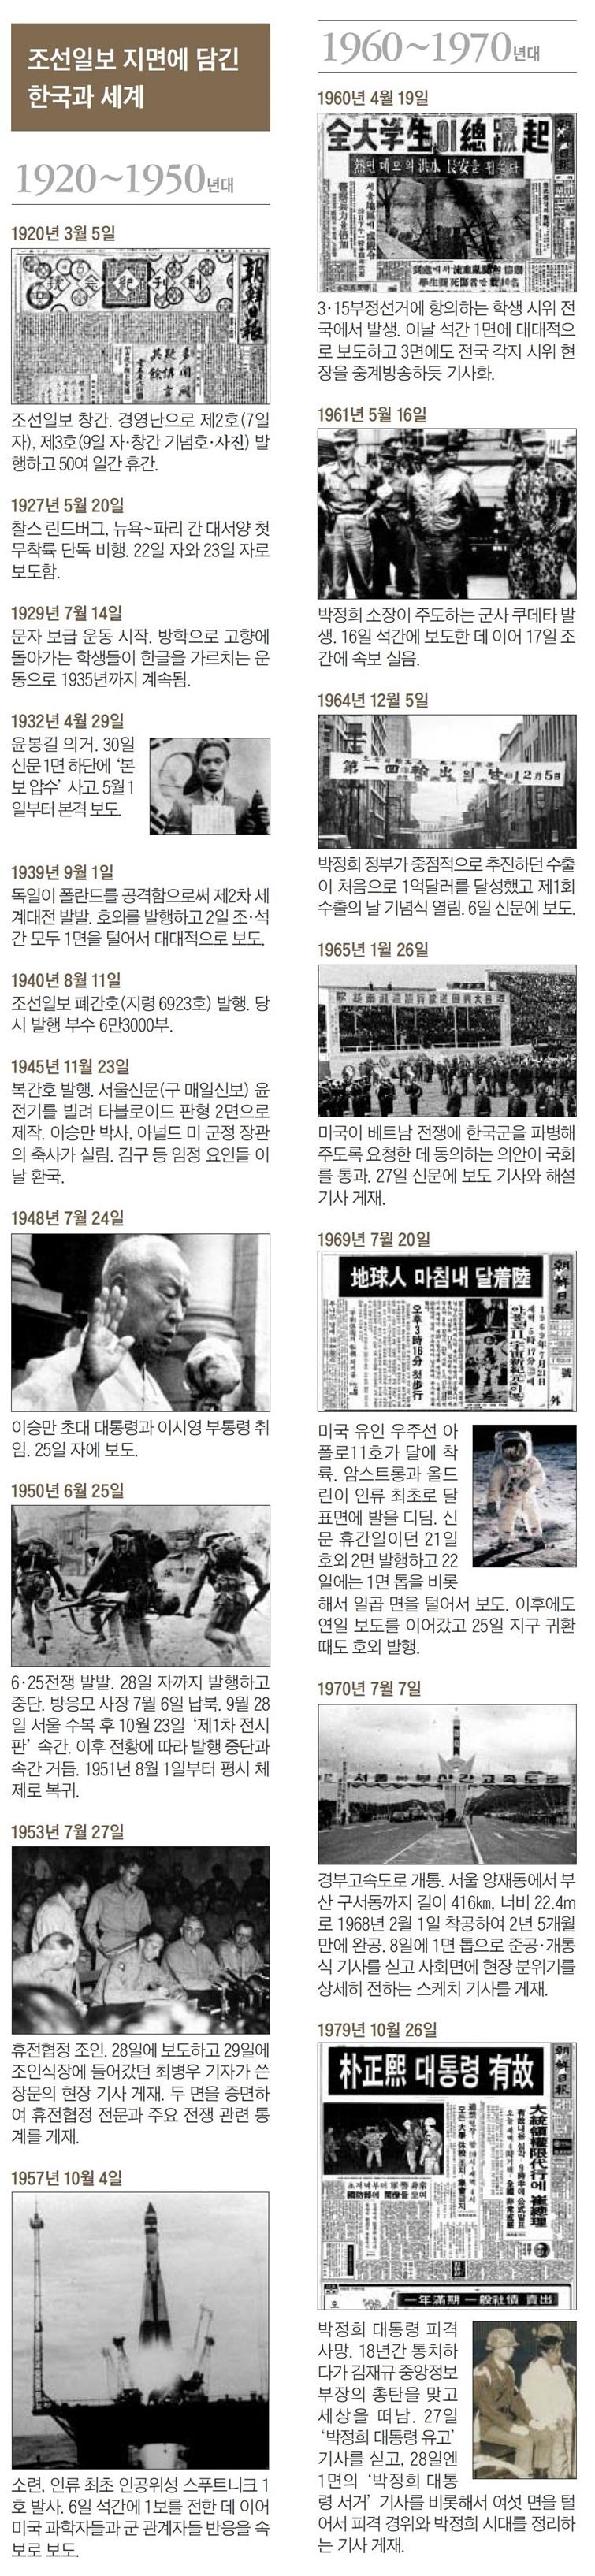 조선일보 지면에 담긴 한국과 세계